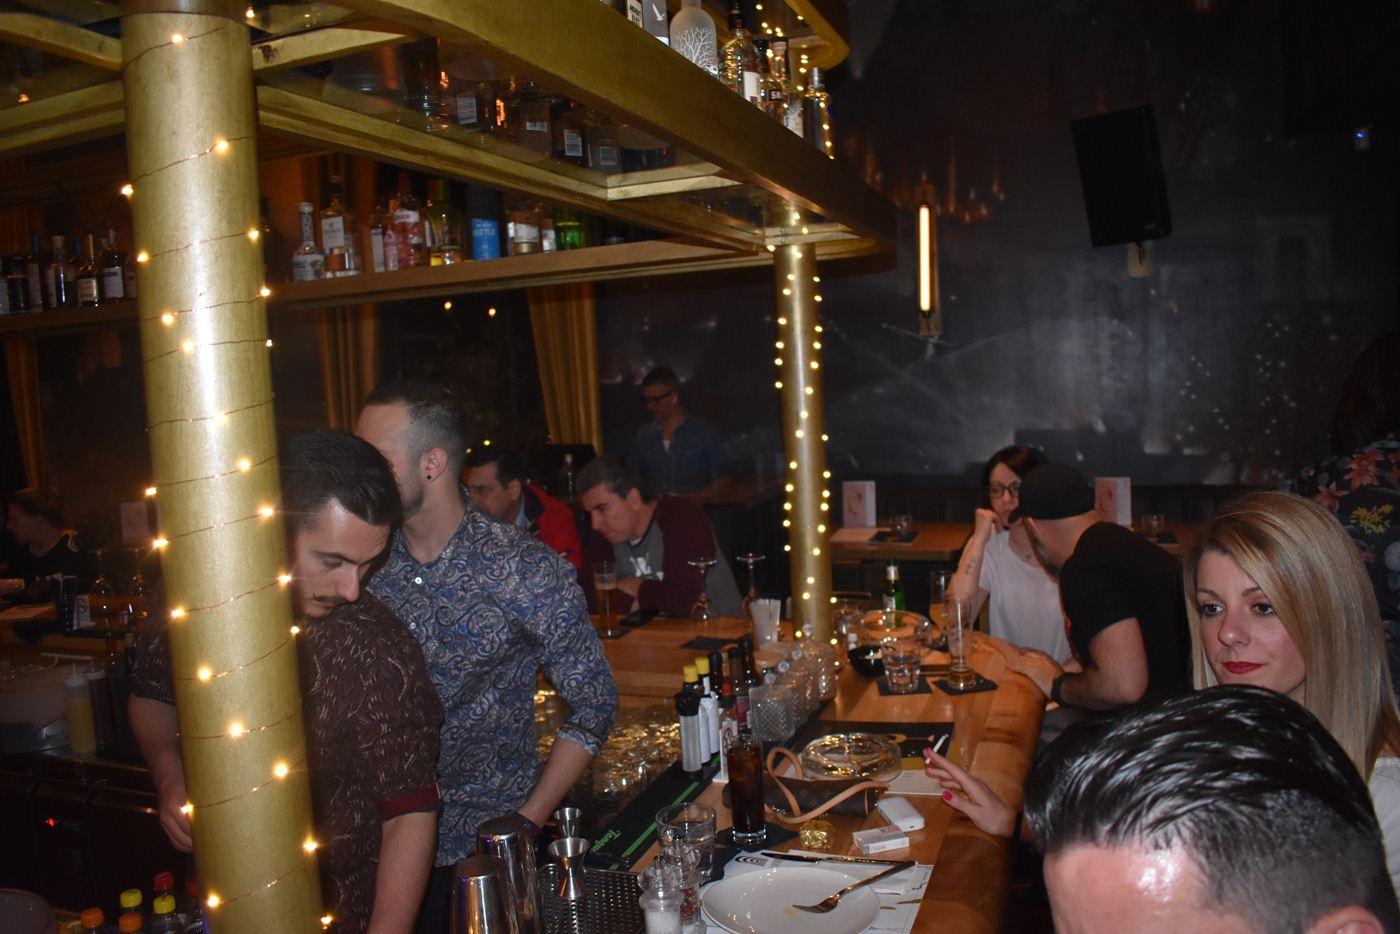 «Φωτιά» στη νυχτερινή ζωή της Λάρισας έβαλαν και απόψε διάσημοι bartenders που φιλοξενεί η πόλη (φωτο)